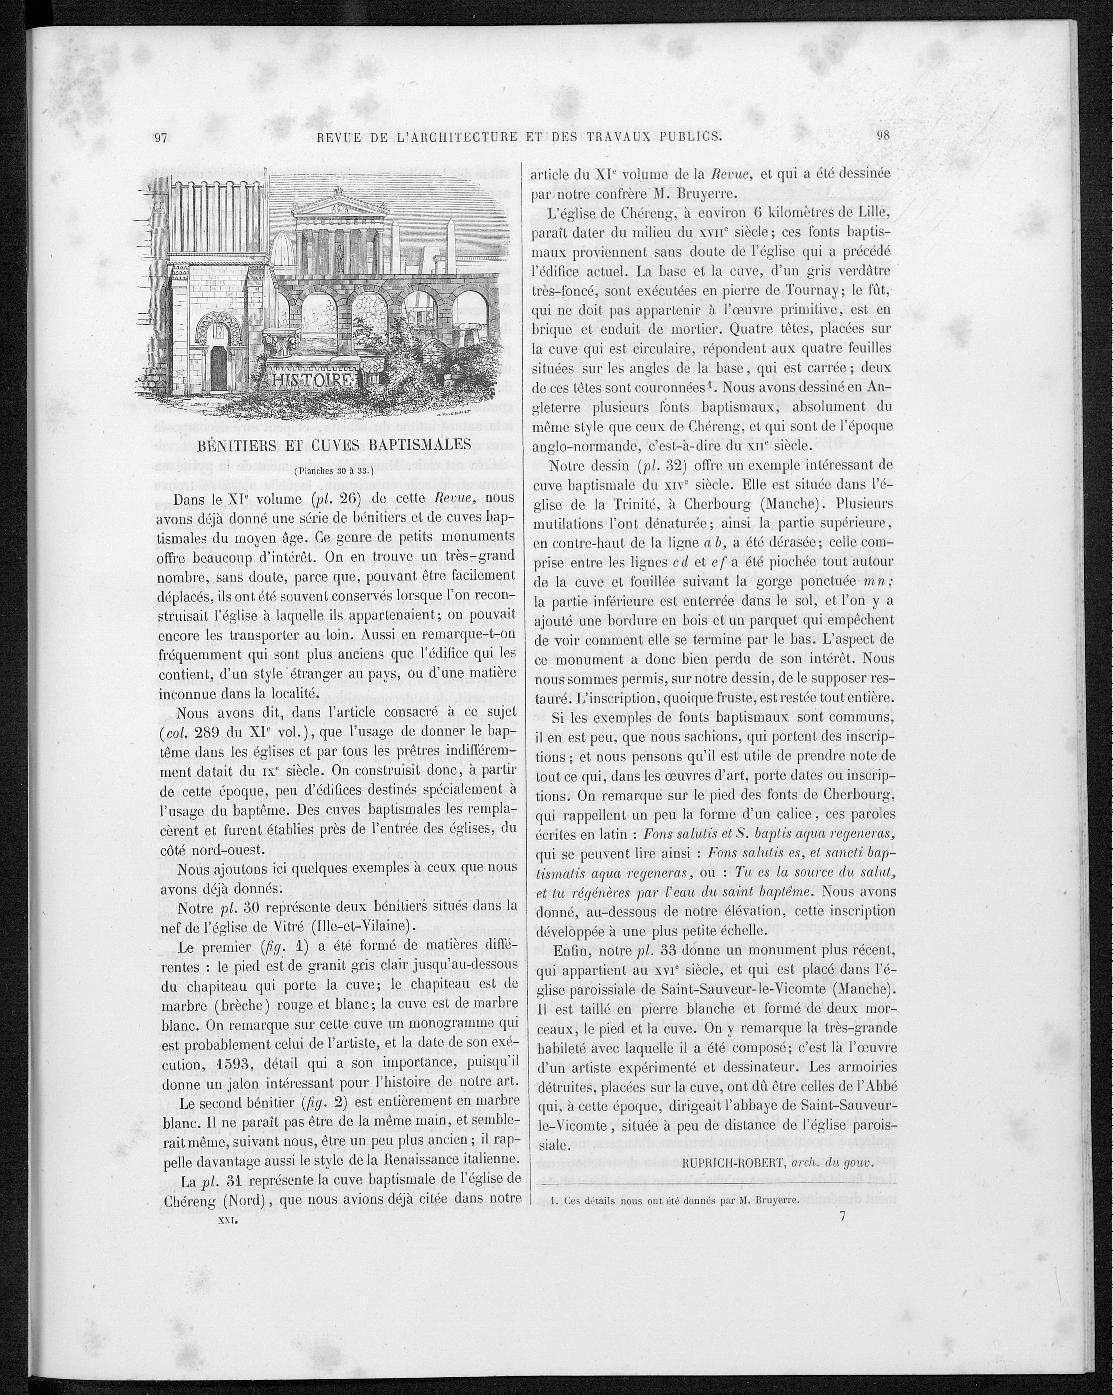 La revue générale de l'architecture, no. 1, 1863 |